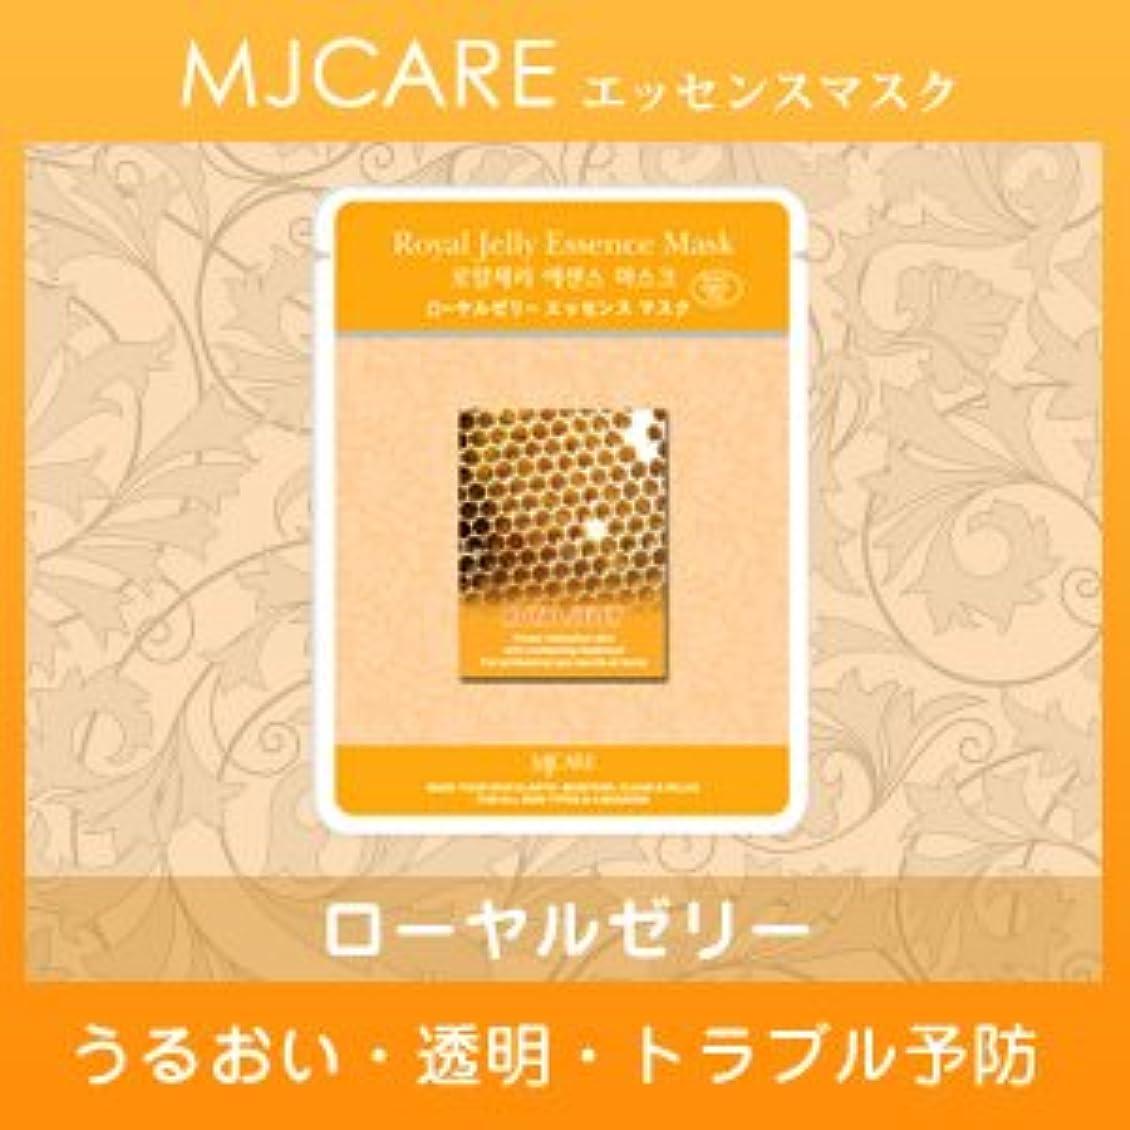 花火広告する所得MJCARE (エムジェイケア) ローヤルゼリー エッセンスマスク